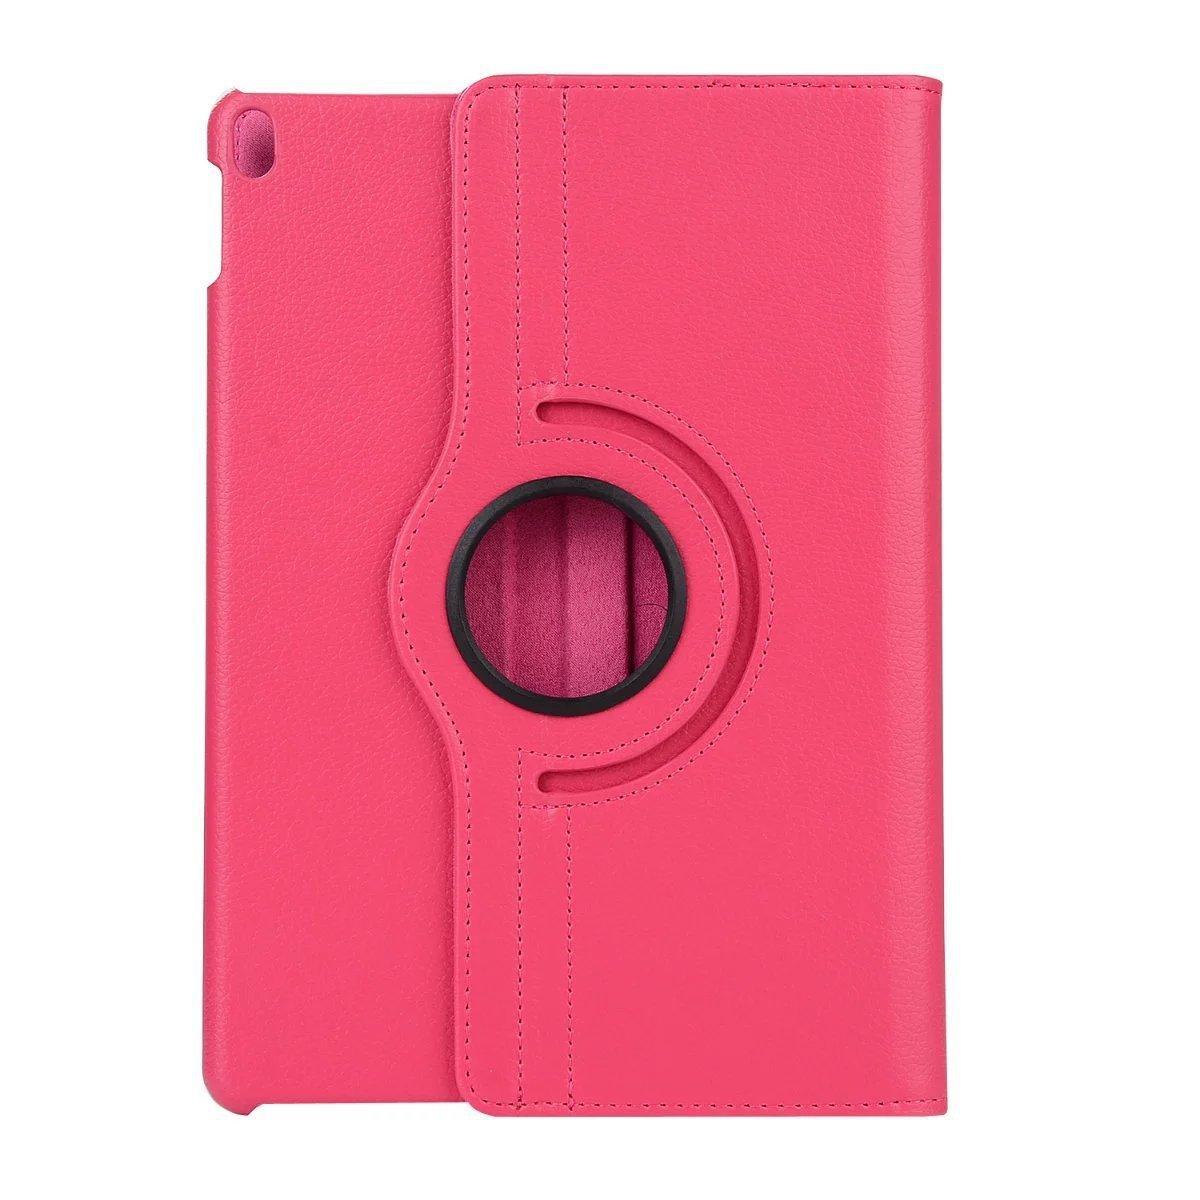 iPad mini4 2019年型 ケース (ピンク色) mini5 合革レザー mini4 360回転 スタンドケース 耐衝撃多角度 シンプル アイパッド保護カバー_画像2